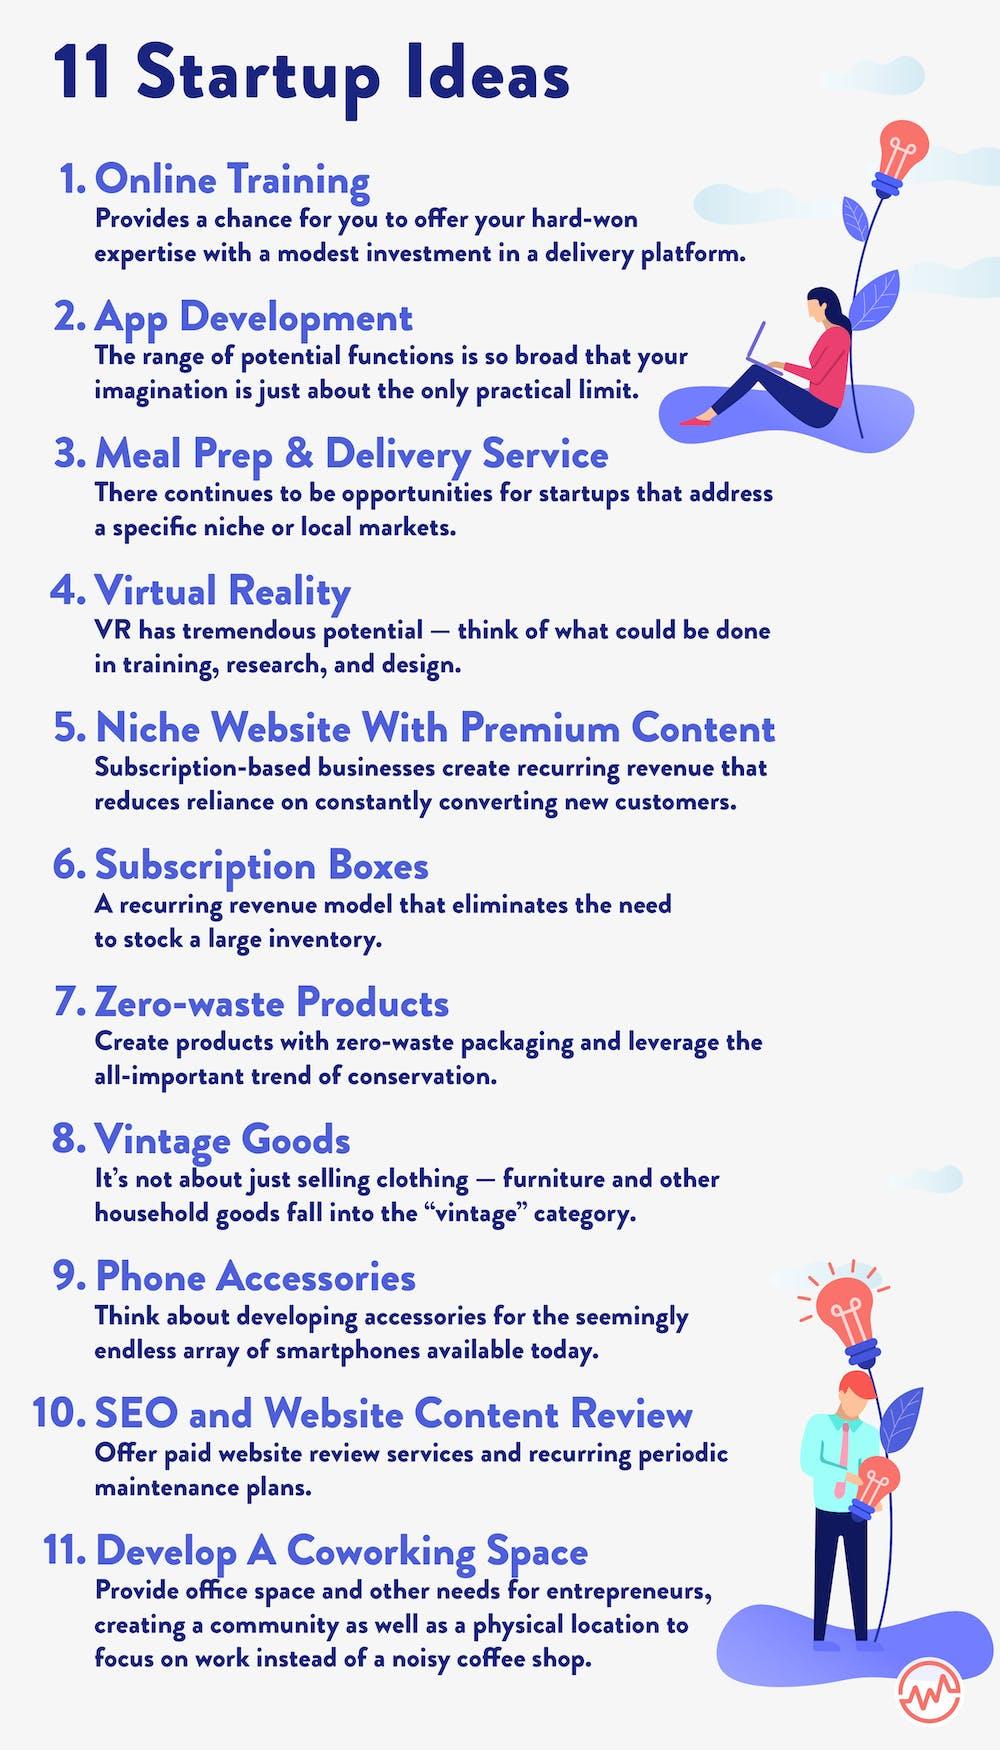 11 Startup ideas